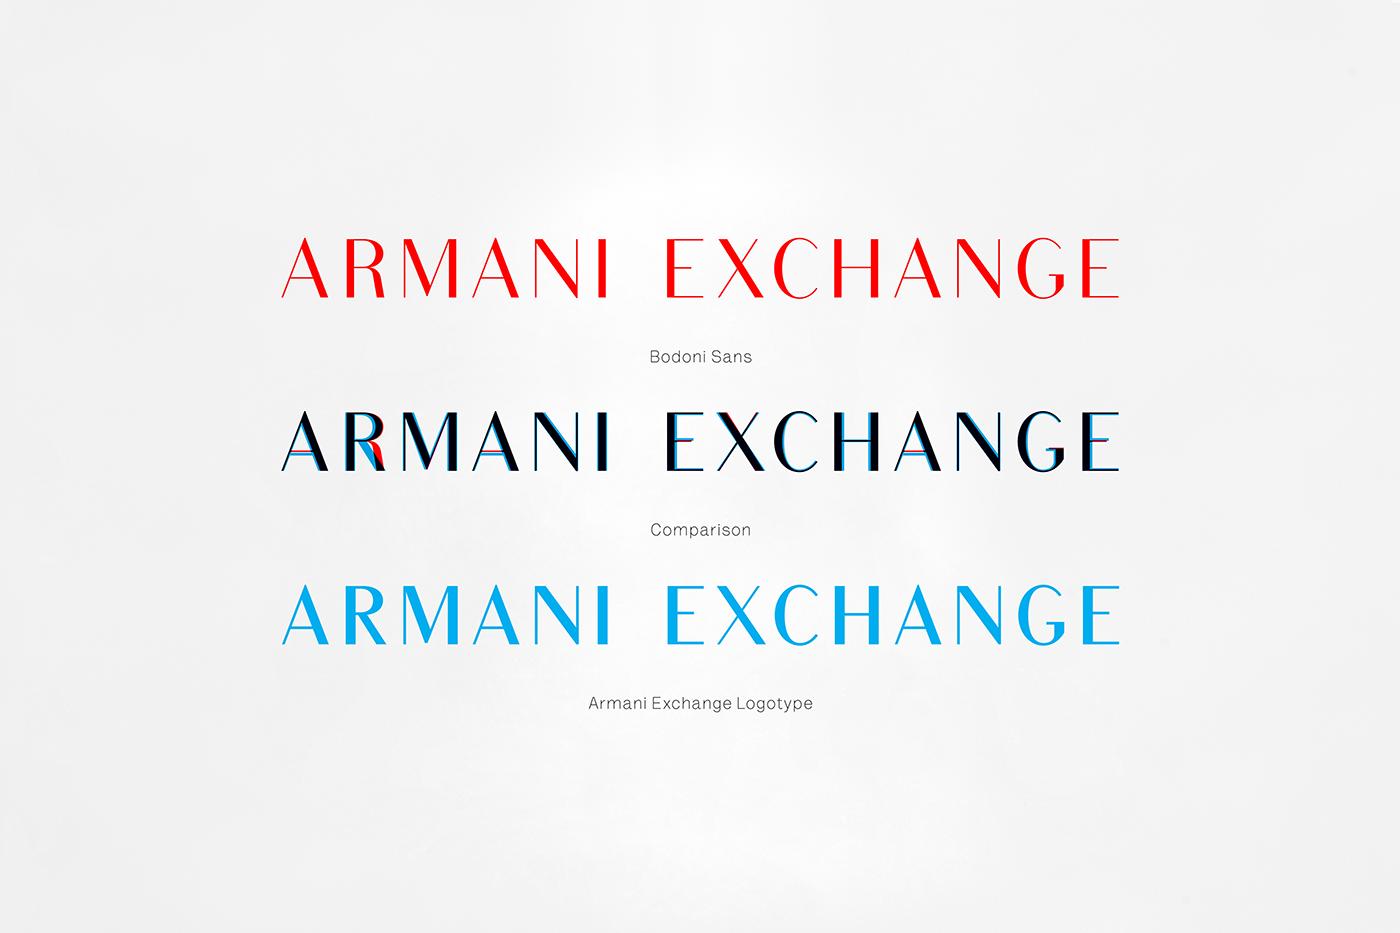 e0f88112e90 Armani Exchange on Behance